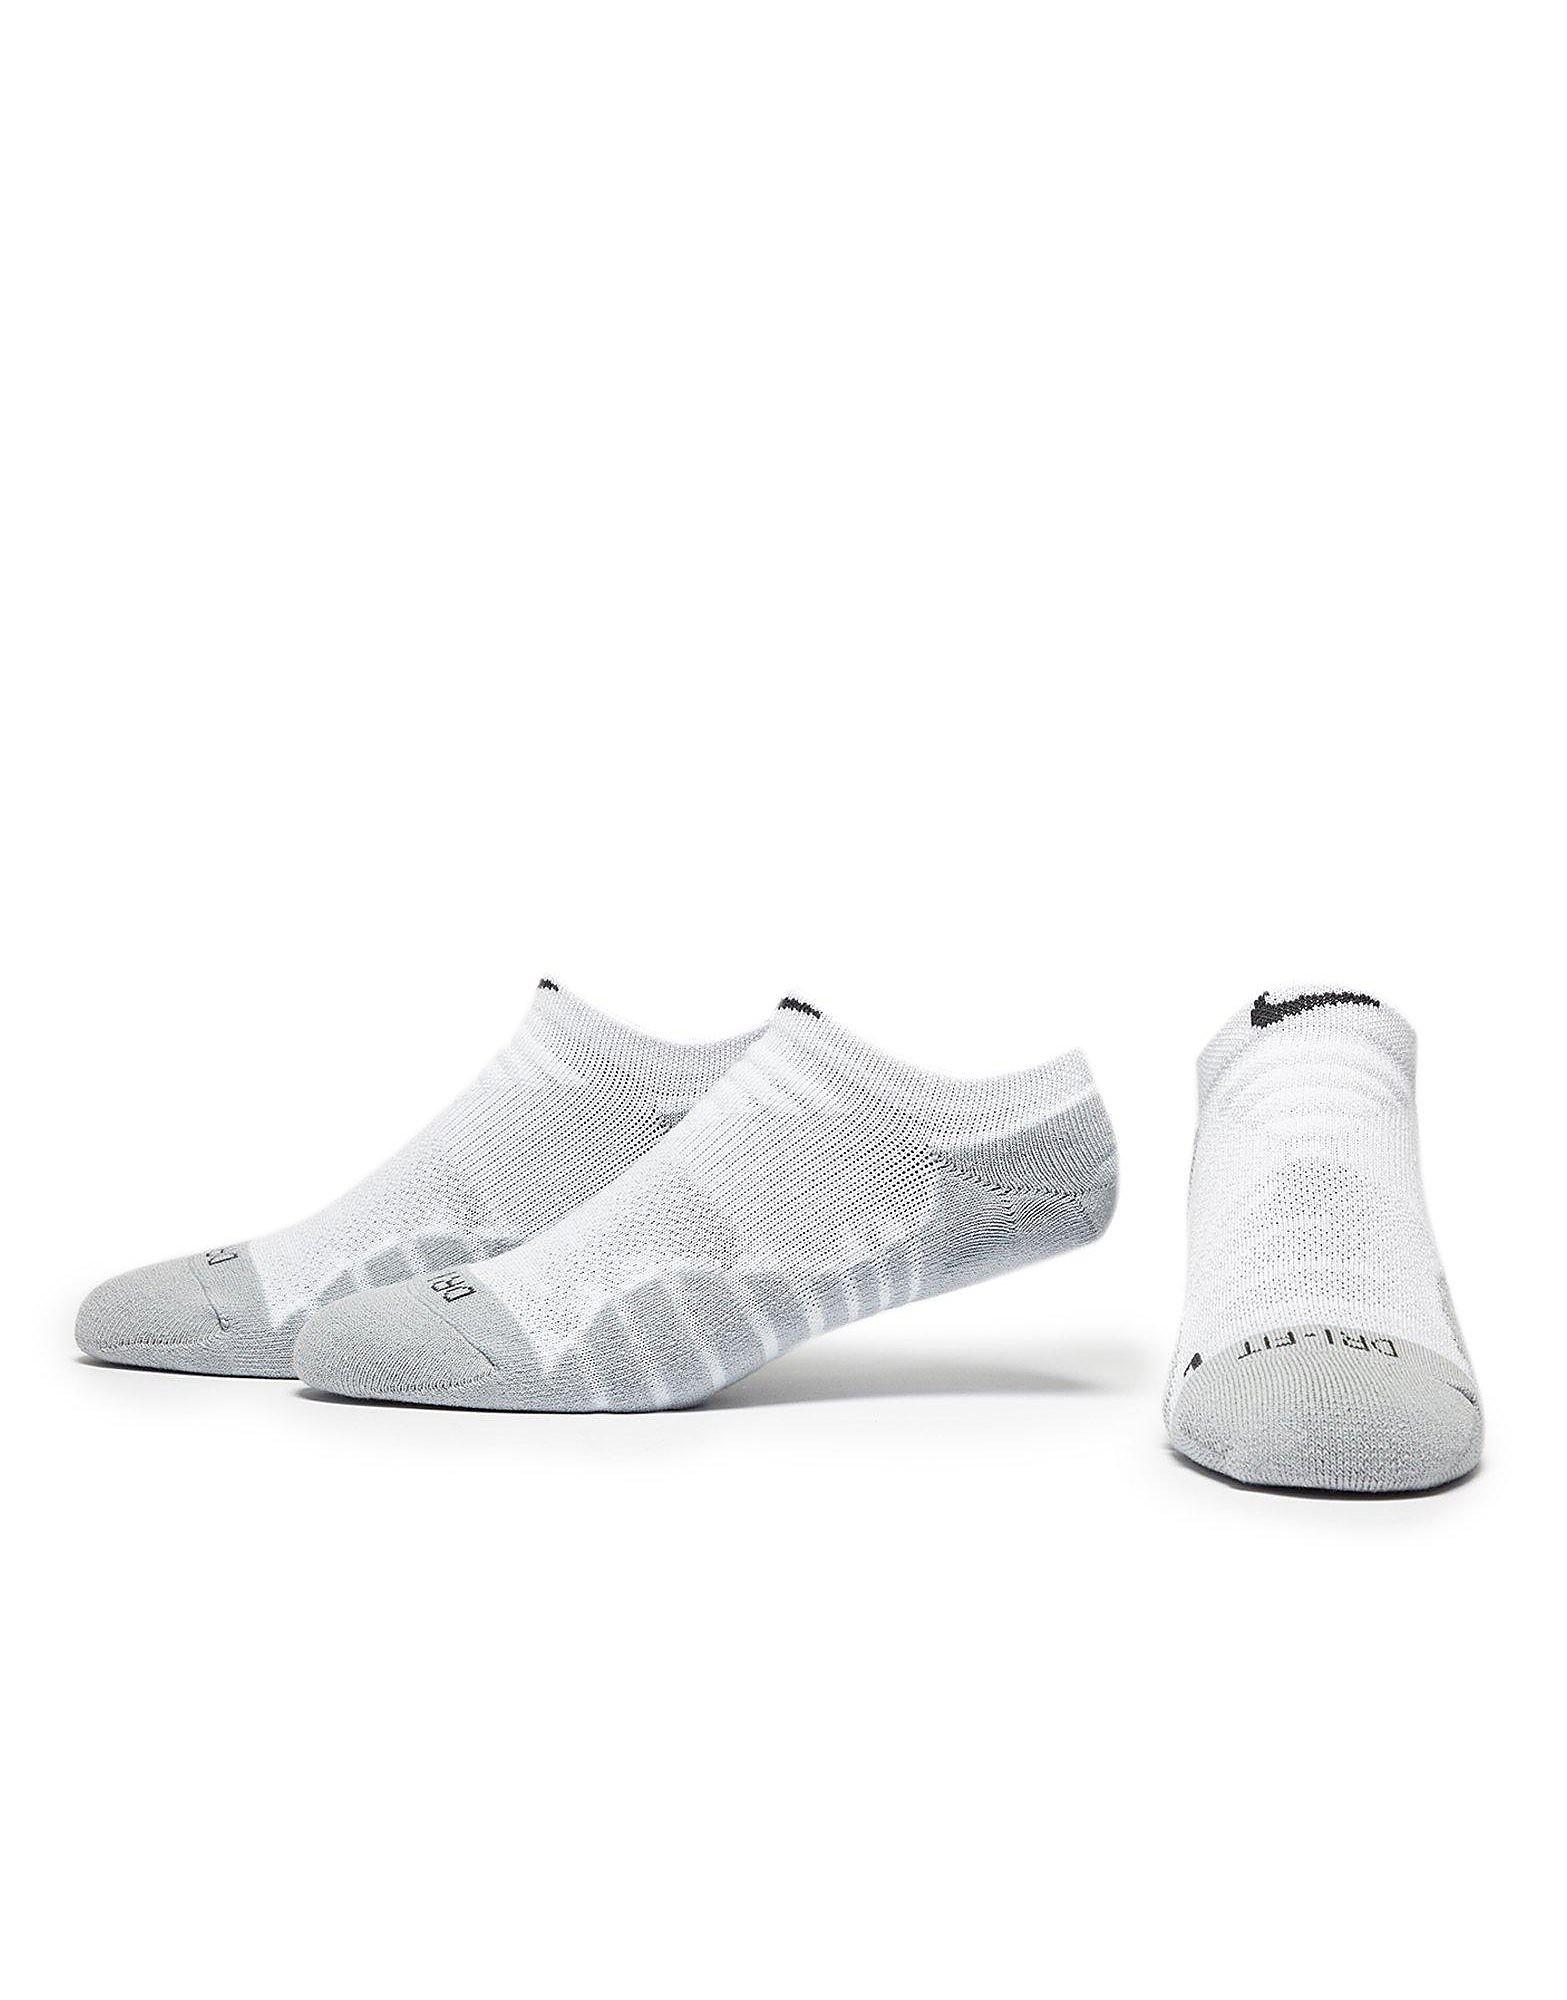 Nike pack 3 calcetines tobilleros de running para mujer